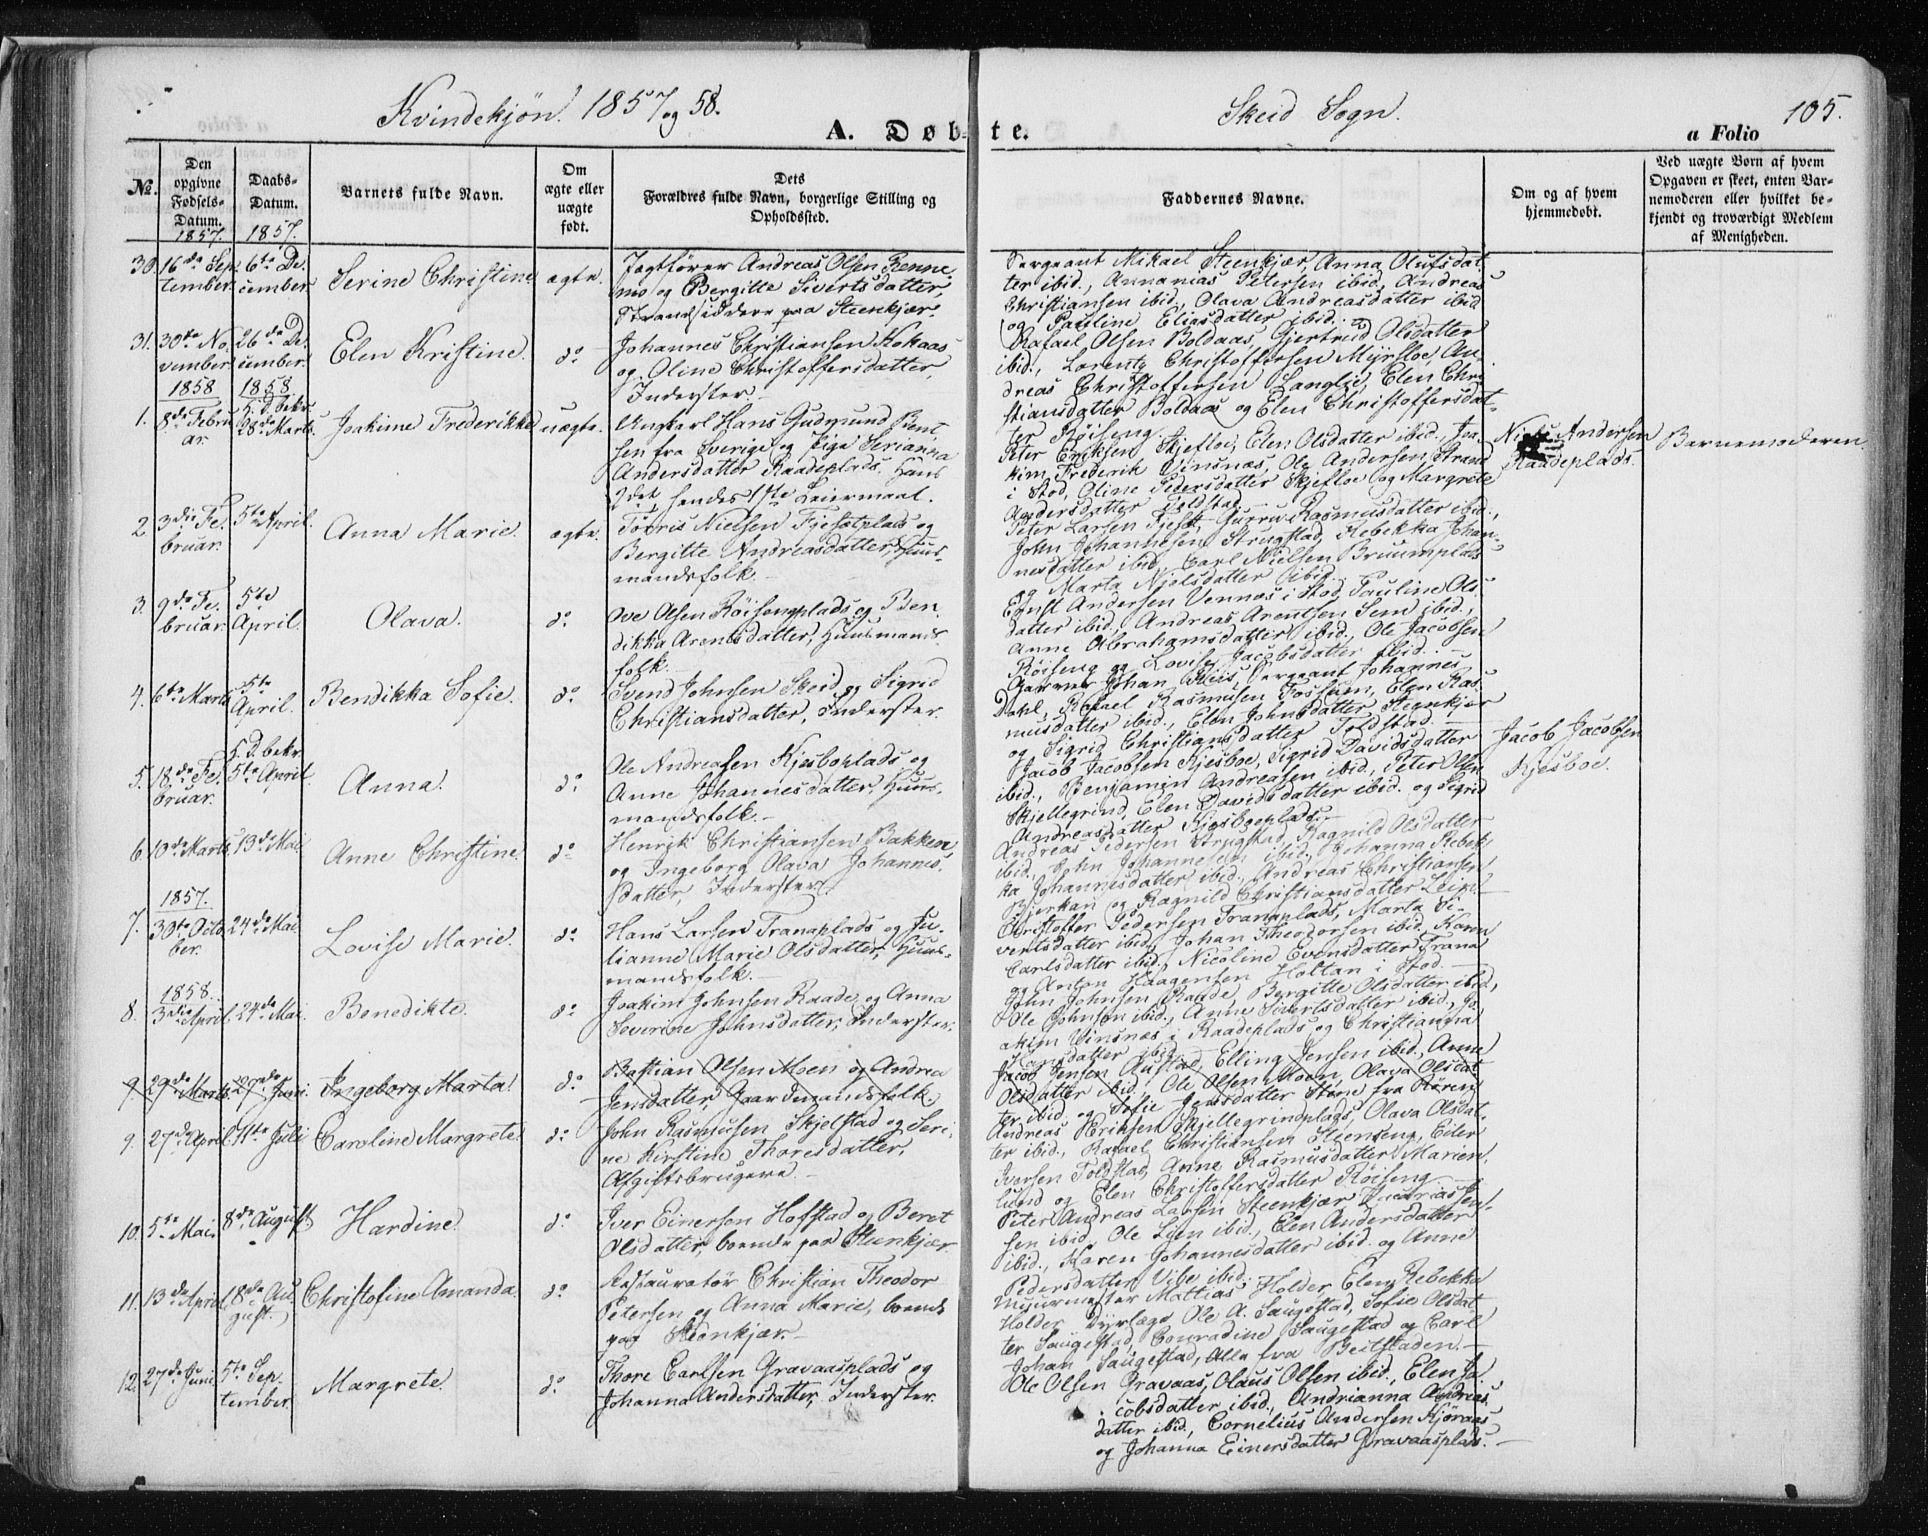 SAT, Ministerialprotokoller, klokkerbøker og fødselsregistre - Nord-Trøndelag, 735/L0342: Ministerialbok nr. 735A07 /2, 1849-1862, s. 105